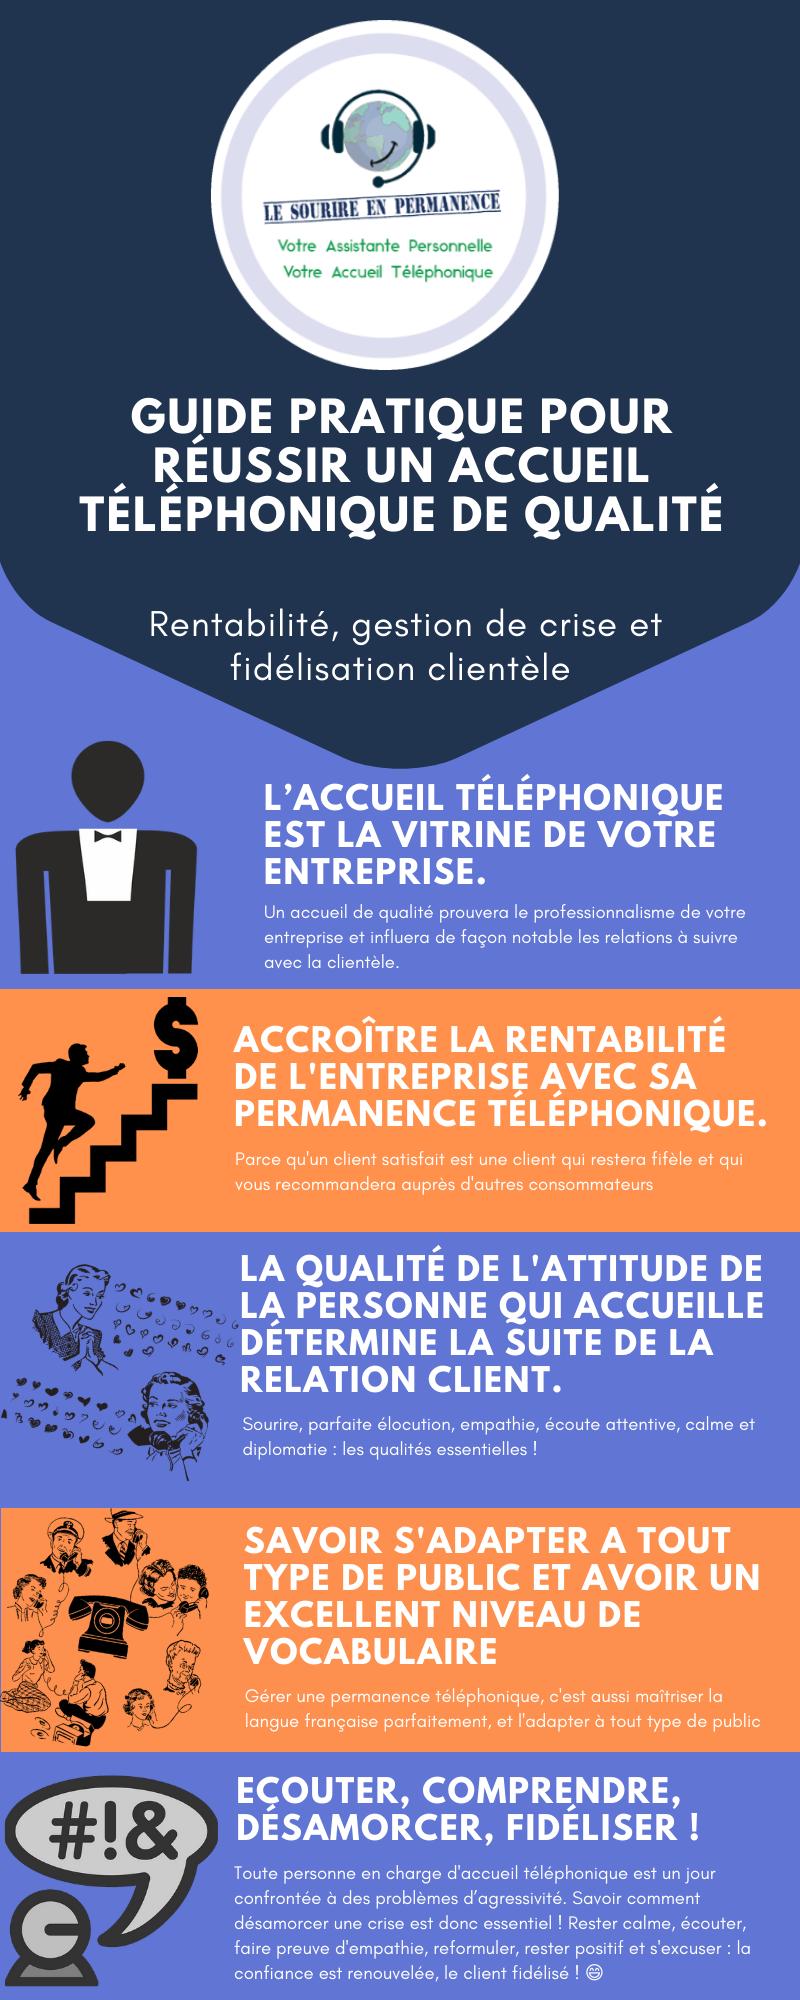 Guide pratique d'un accueil téléphonique de qualité